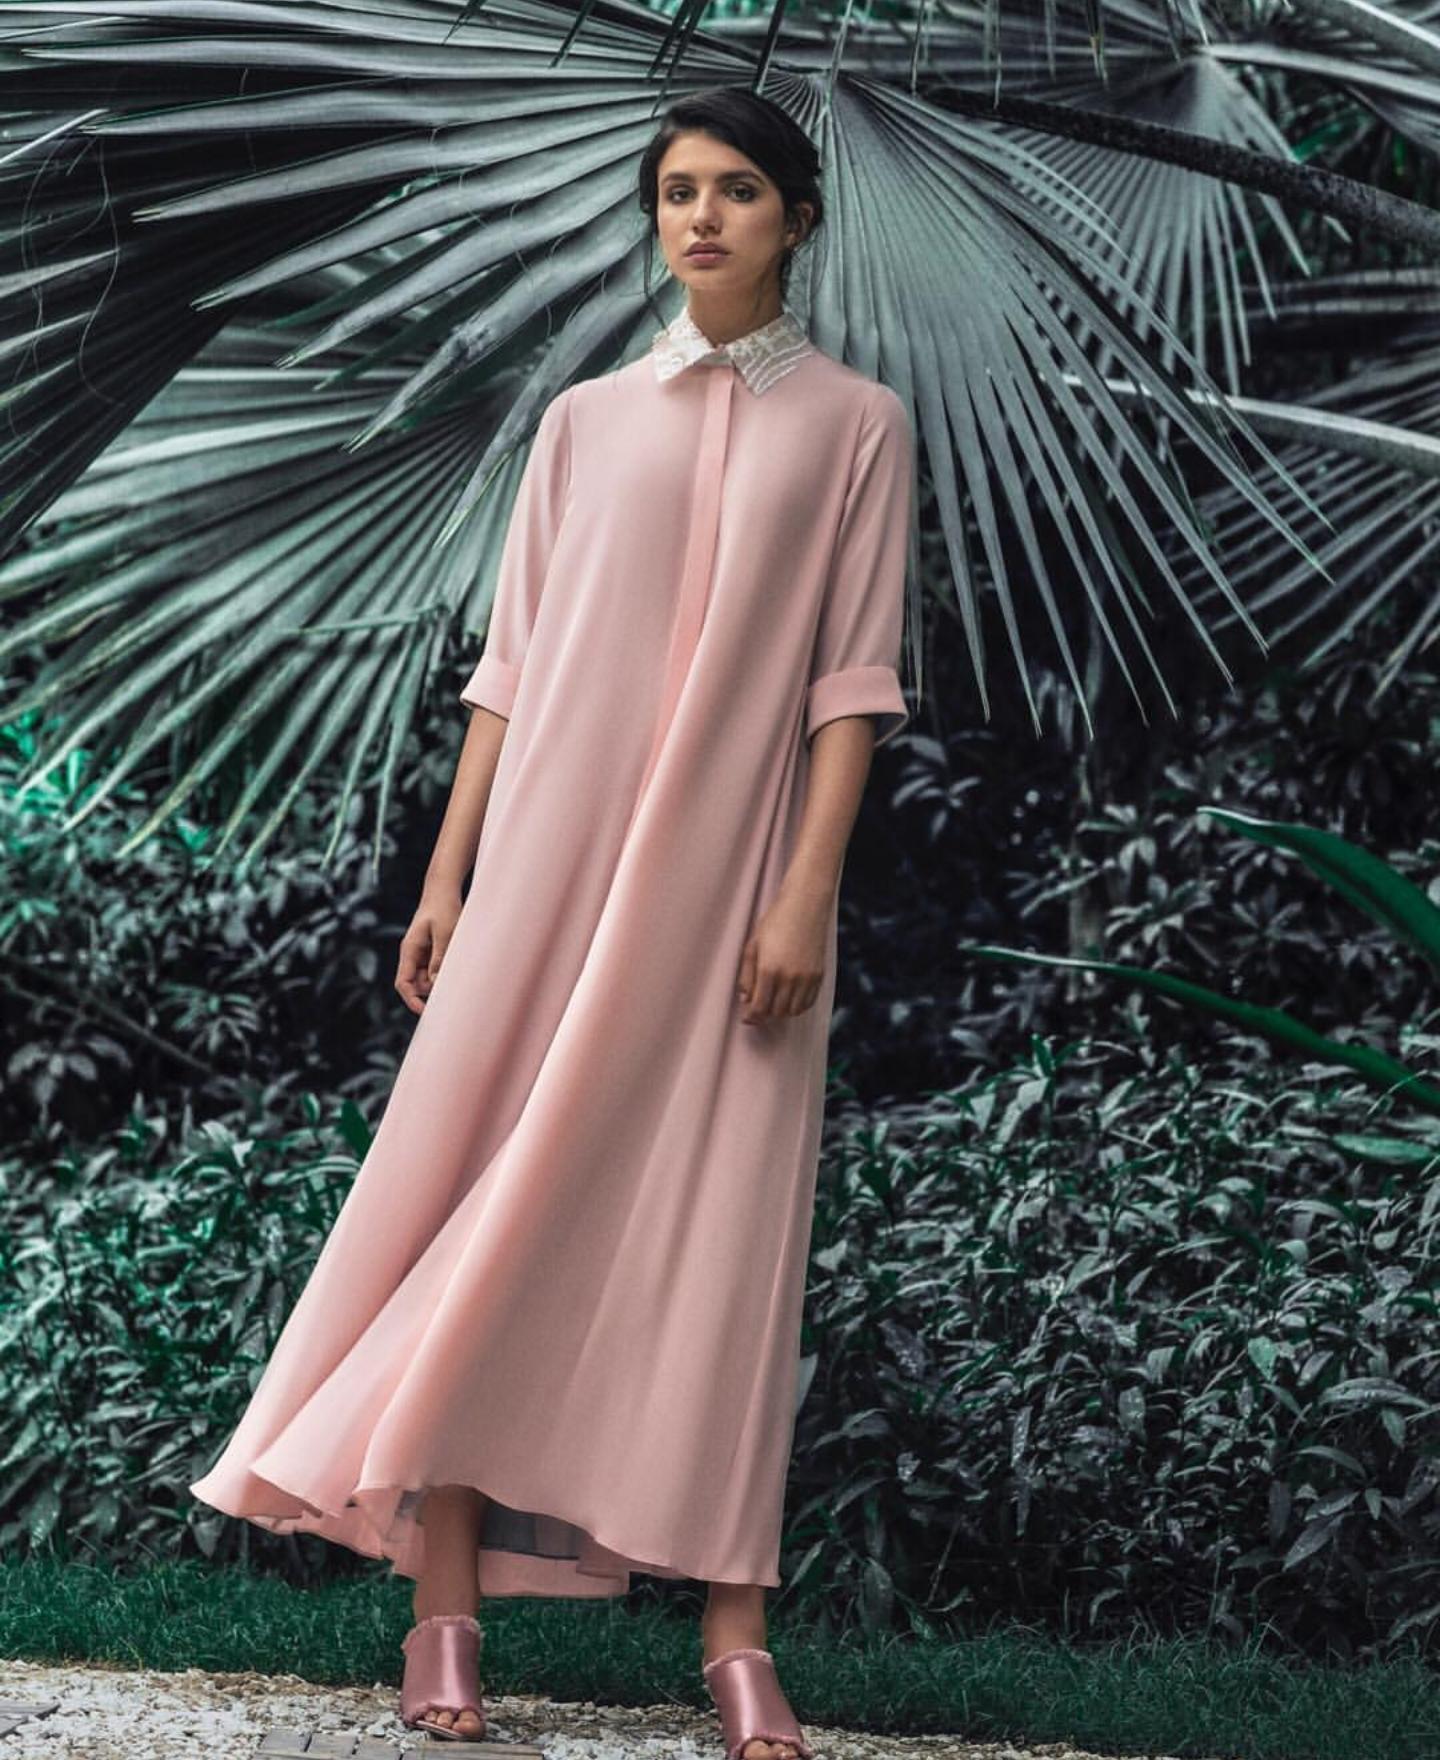 18fa41c923a08 يميّز خطّ الأزياء الجاهزة الذي تقدّمه تطريز متقن يعتمد على التراث السعودي  وإنّما ...